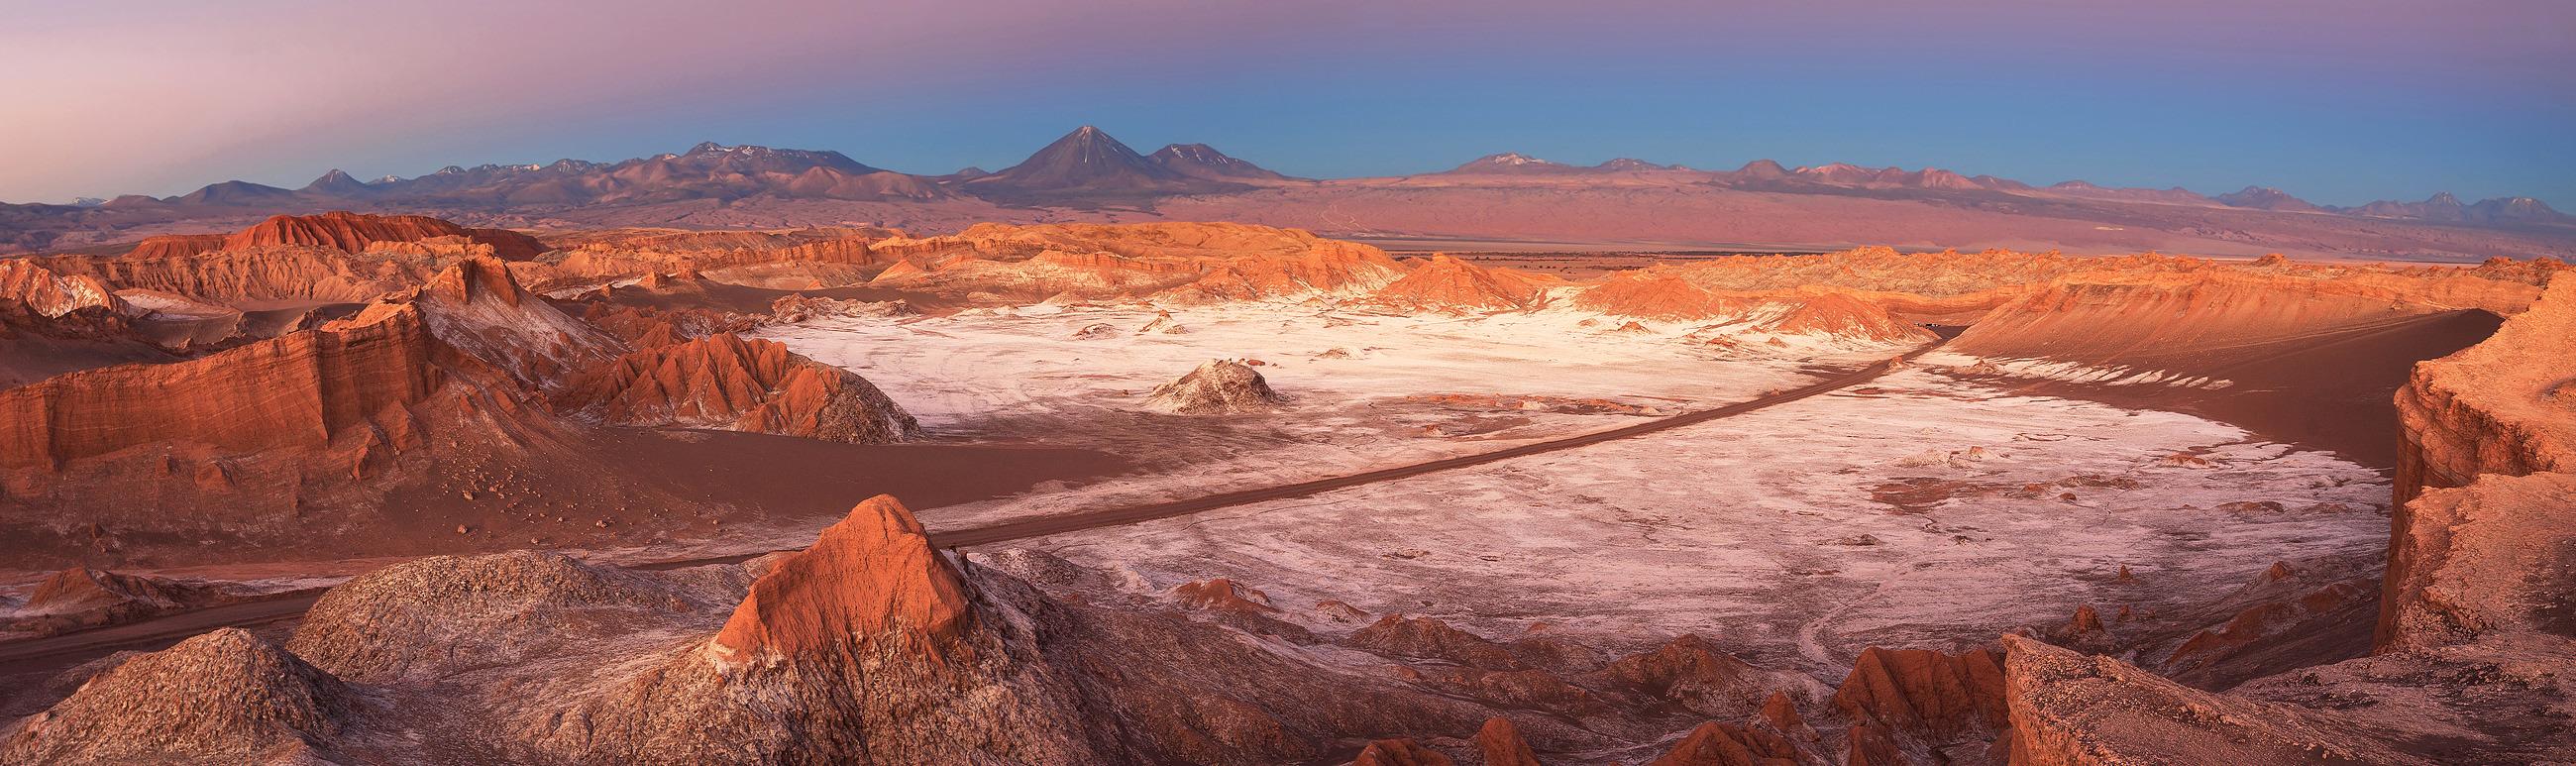 Chili Reizen Atacama Woestijn Maanvalei